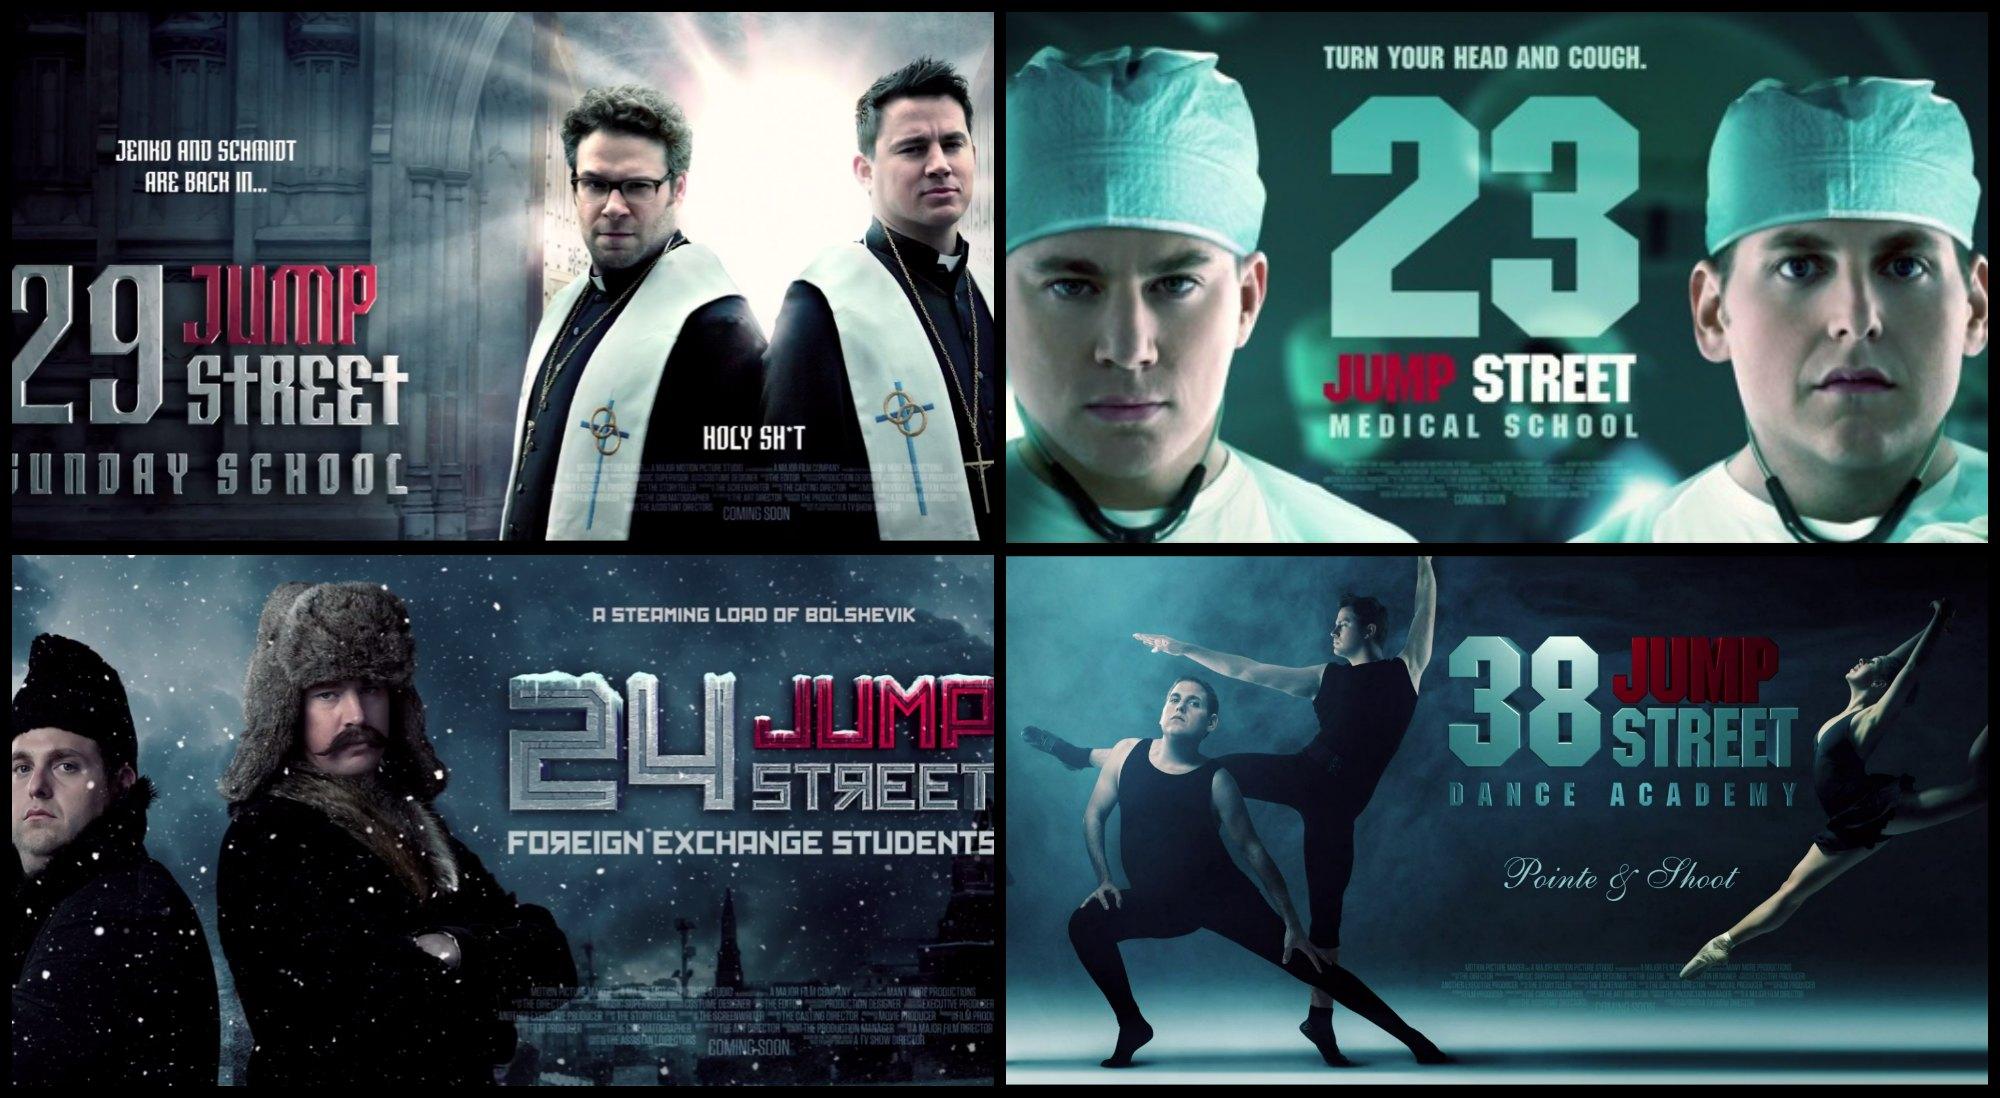 22 Jump Street La Meilleure Blague Du Film C Est Son Generique De Fin